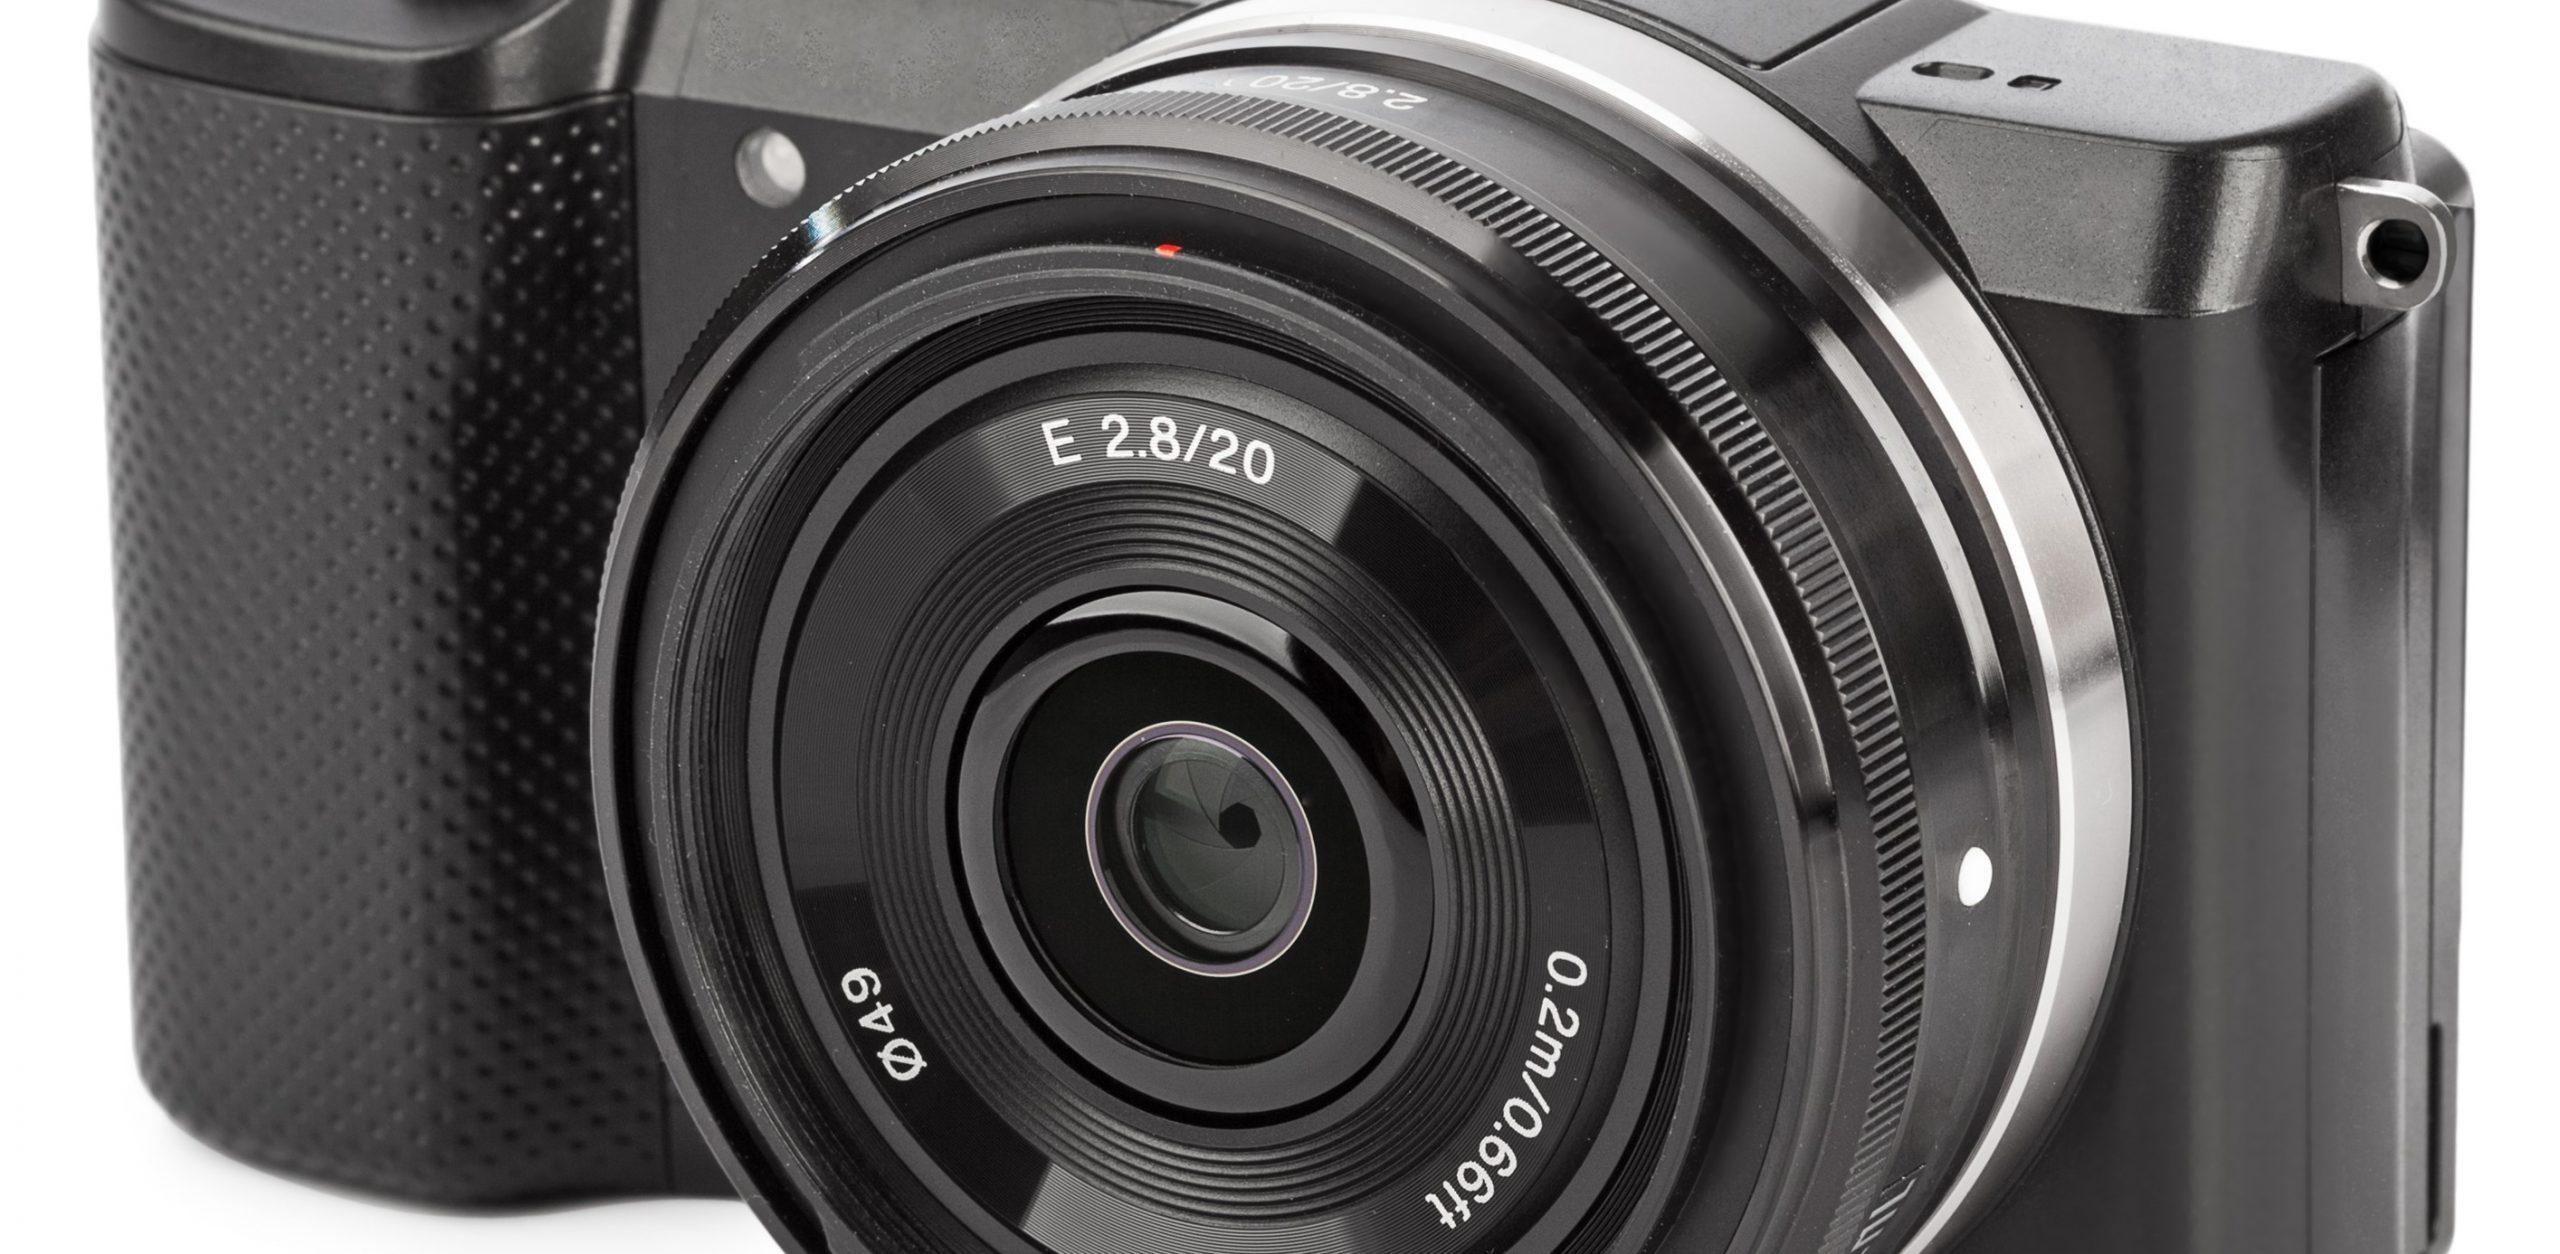 Miglior fotocamera compatta 2020: Guida all'acquisto